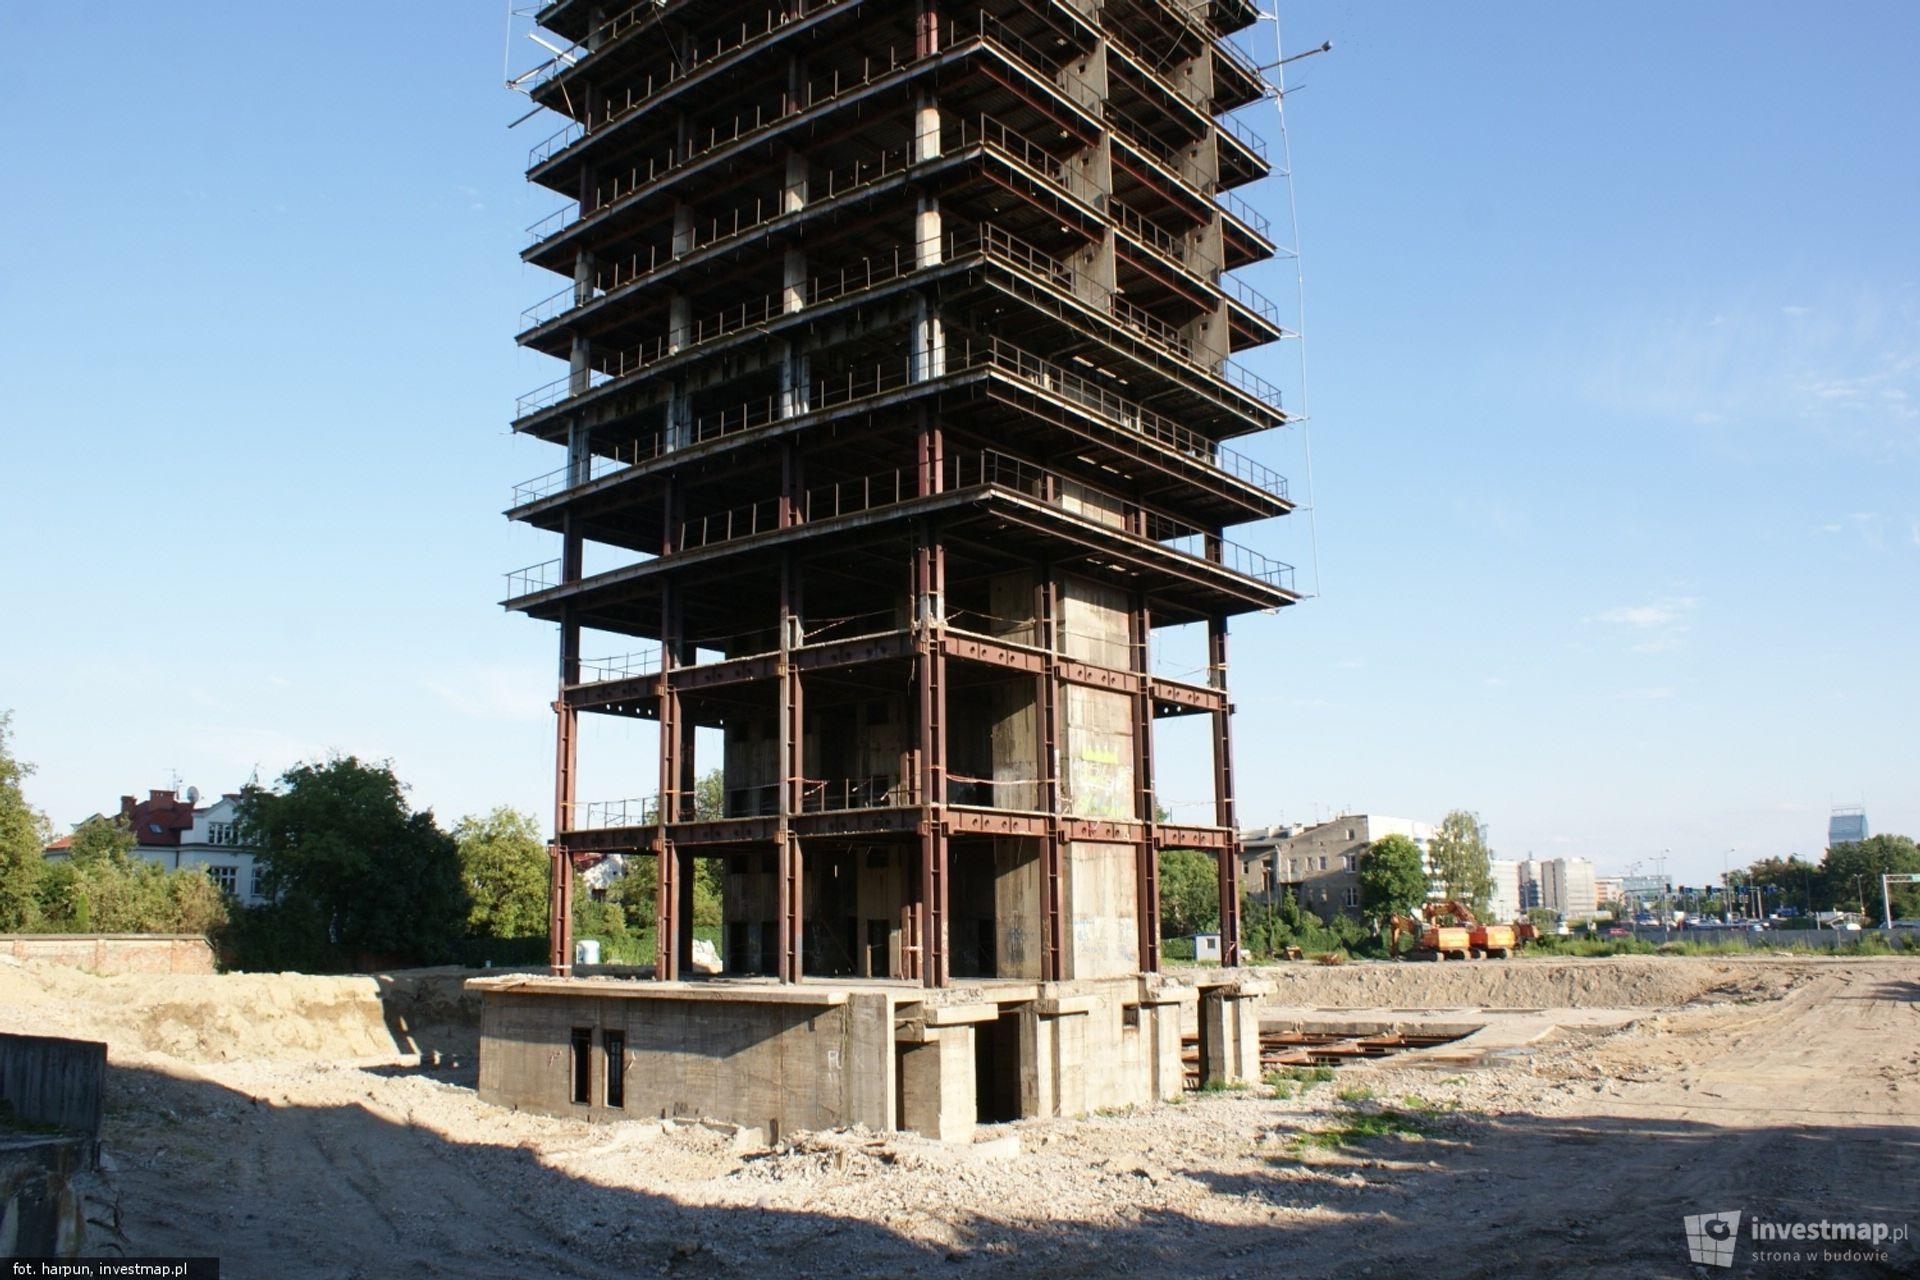 [Kraków] Wznowią przebudowę szkieletora. Podziemne wyburzenia jeszcze w sierpniu